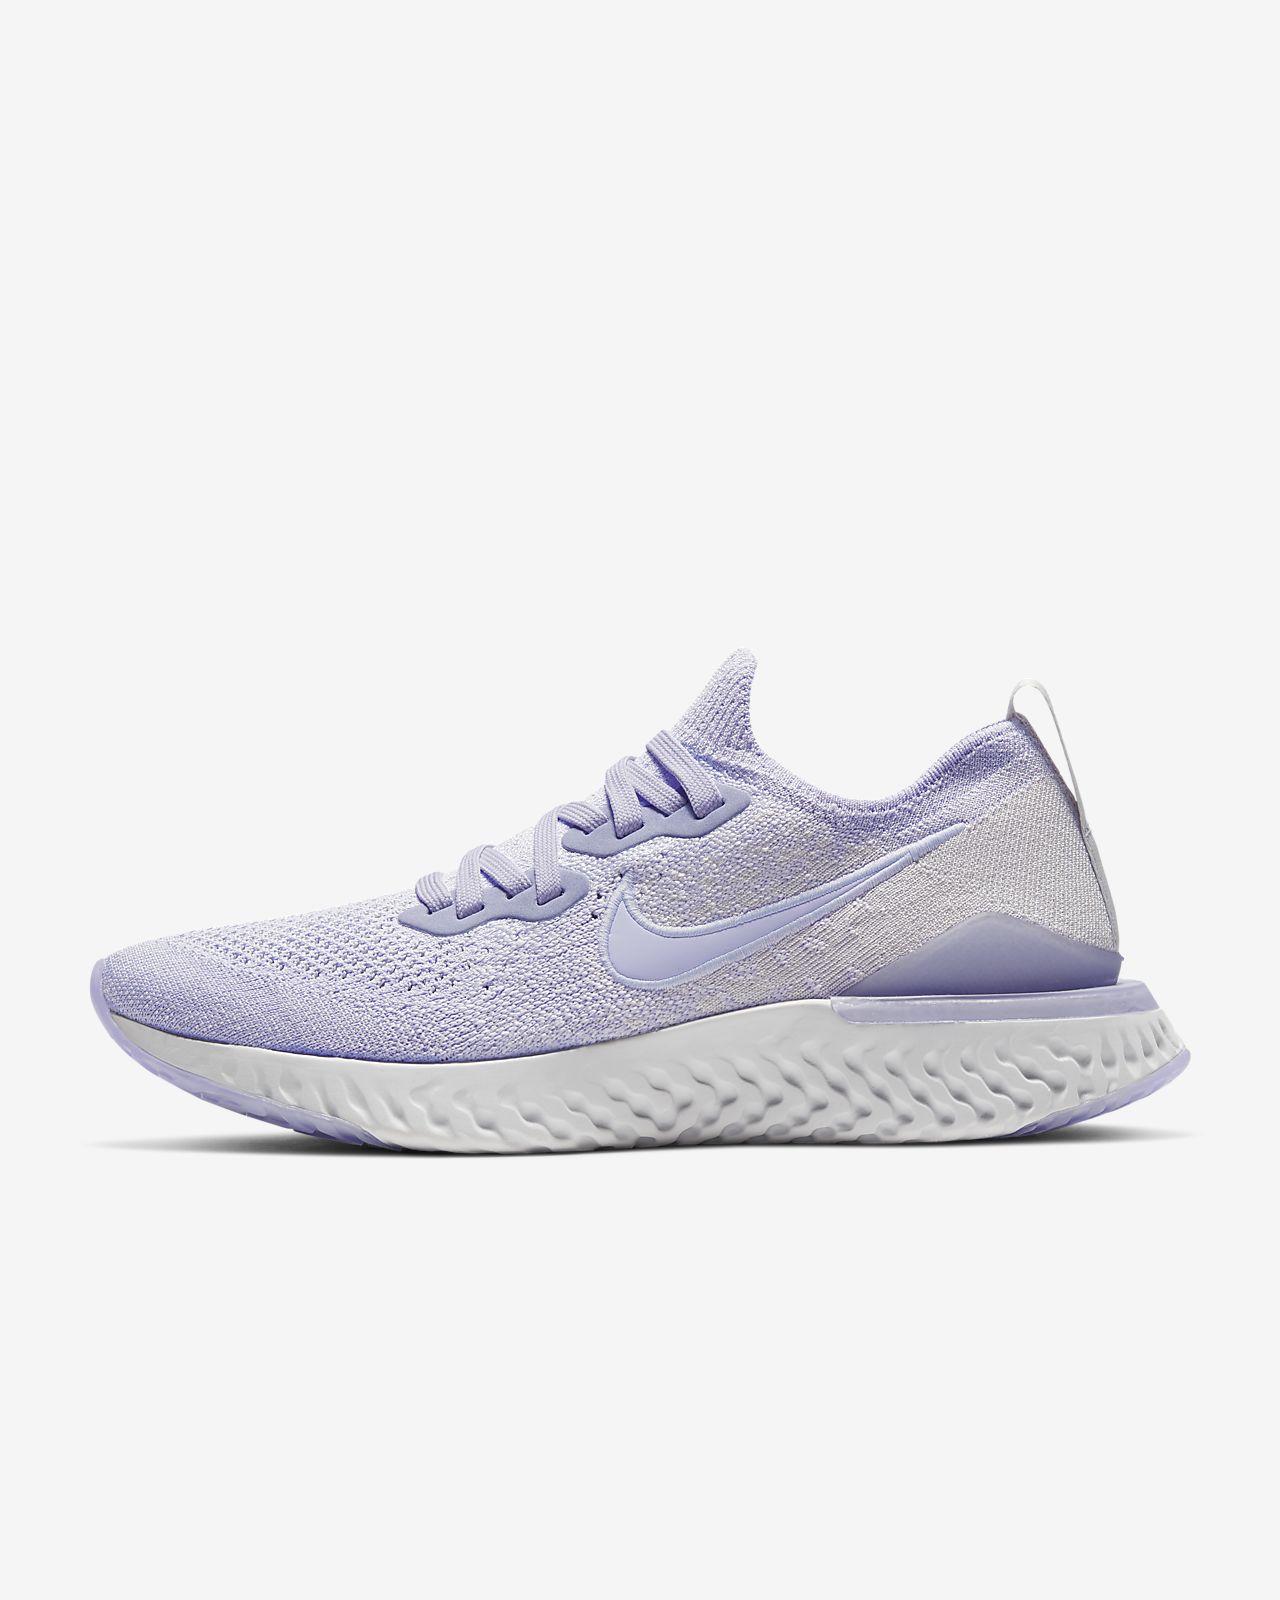 7d8a4ca7757 Nike Epic React Flyknit 2-løbesko til kvinder. Nike.com DK